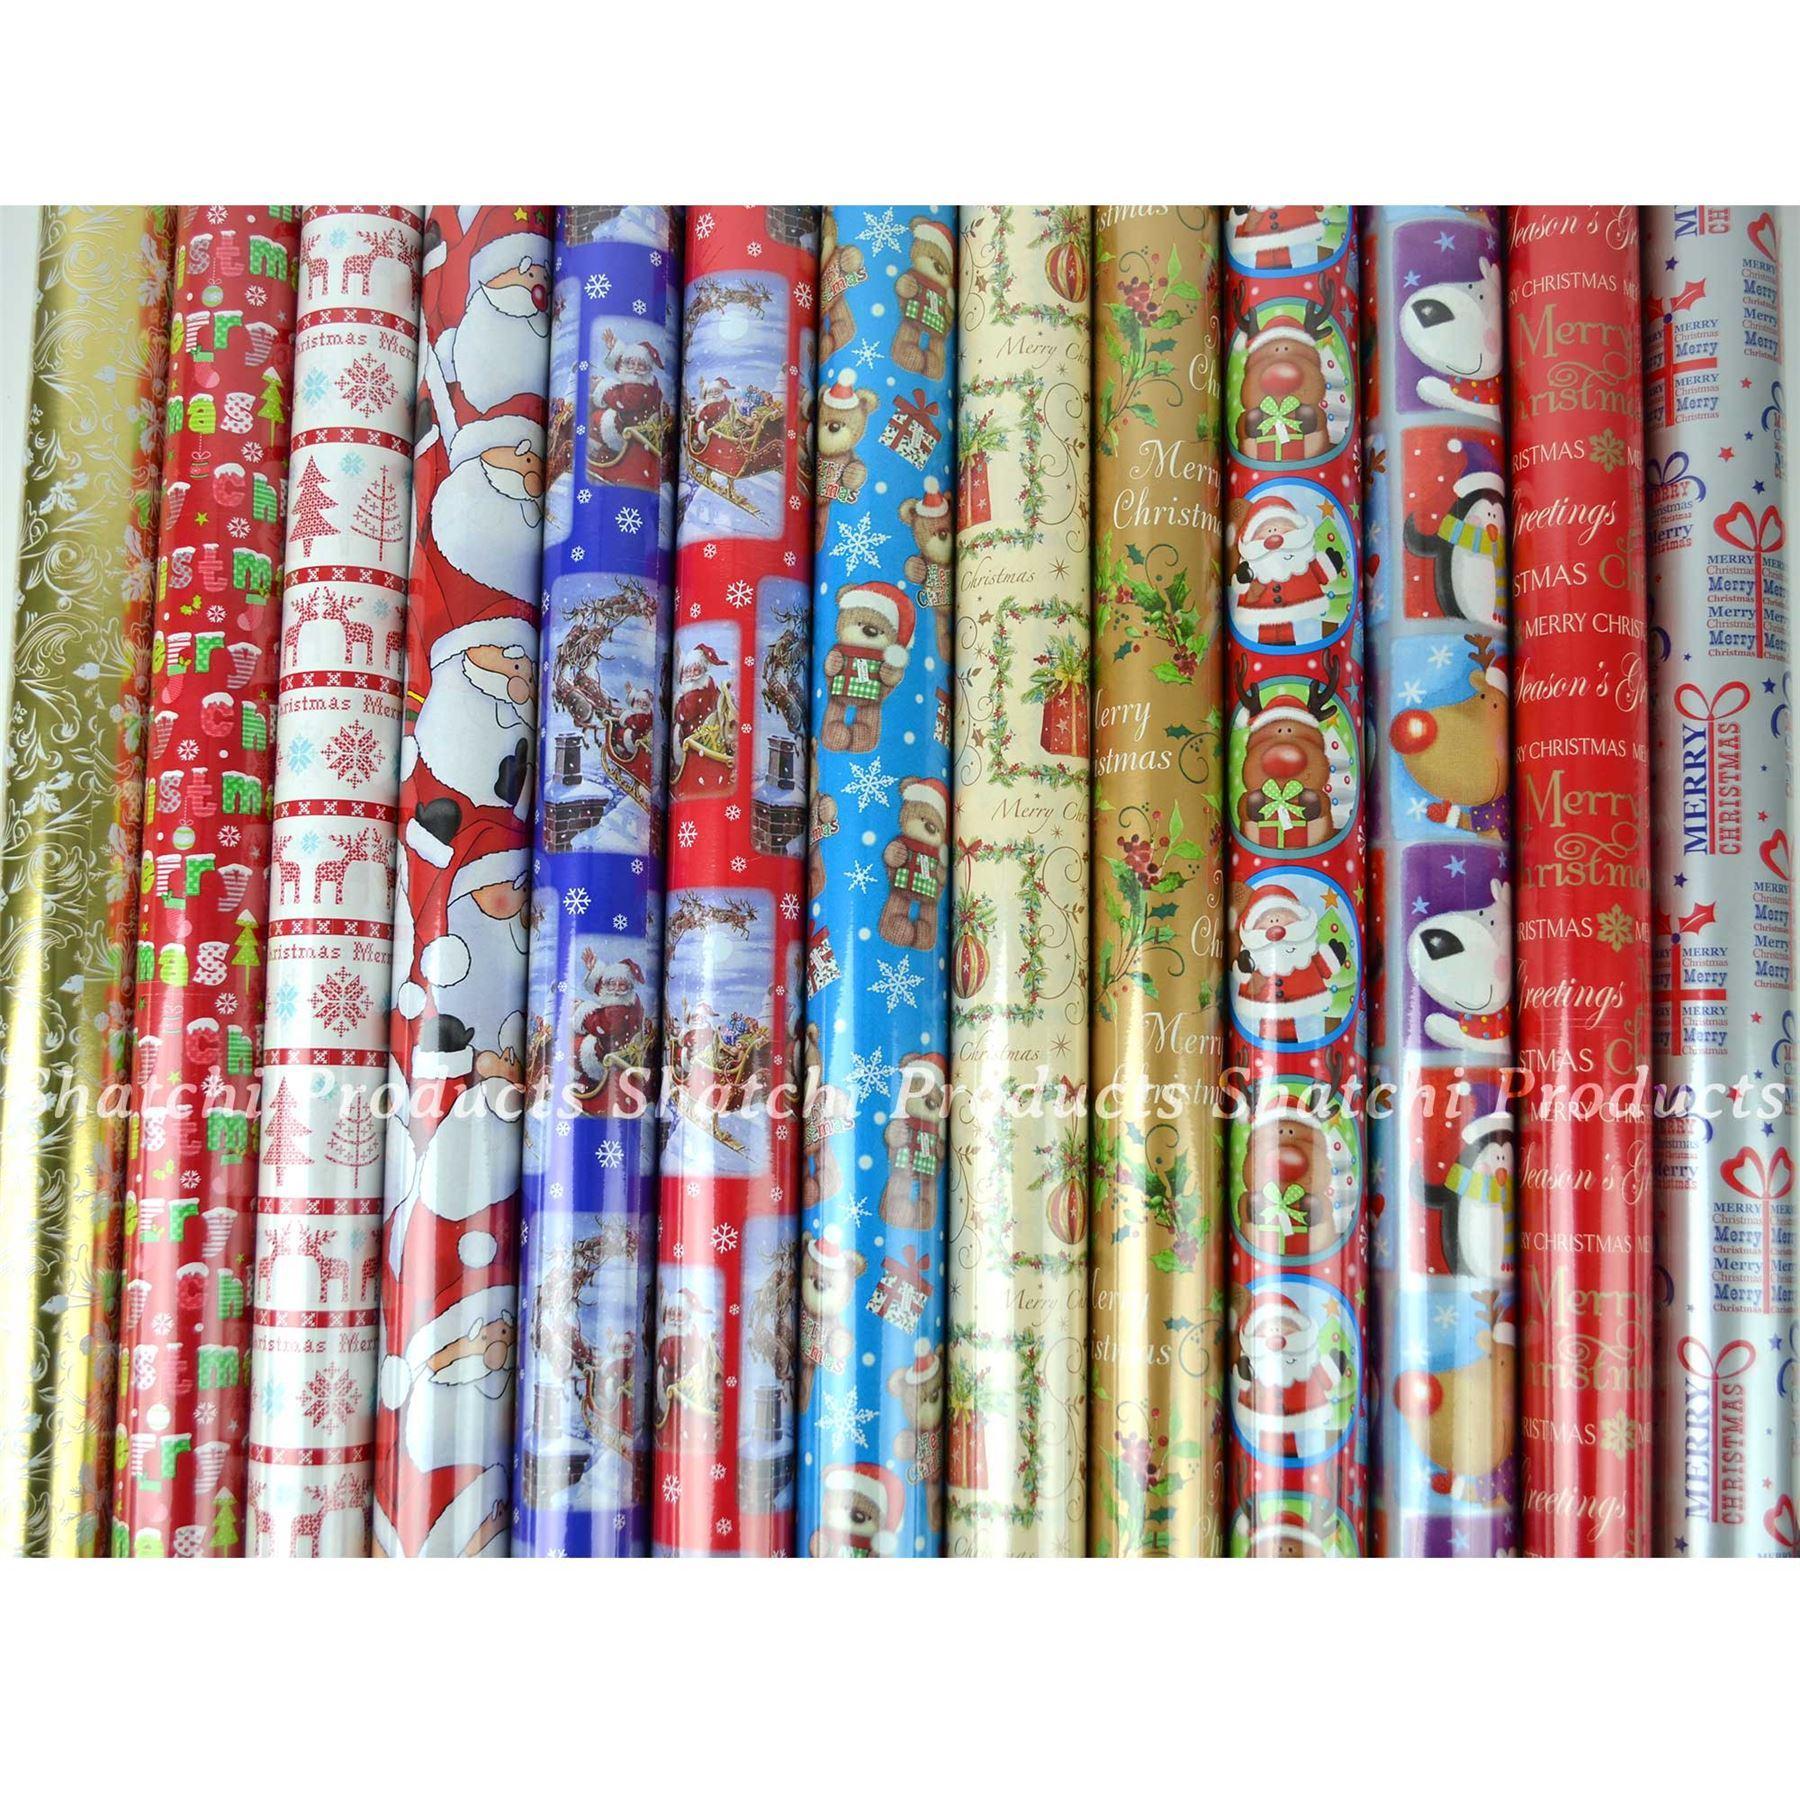 10M-Natale-Regalo-Wrap-Assortiti-ROTOLI-DI-CARTA-DA-PACCO-ROTOLO-REGALO-DI-NATALE miniatura 21